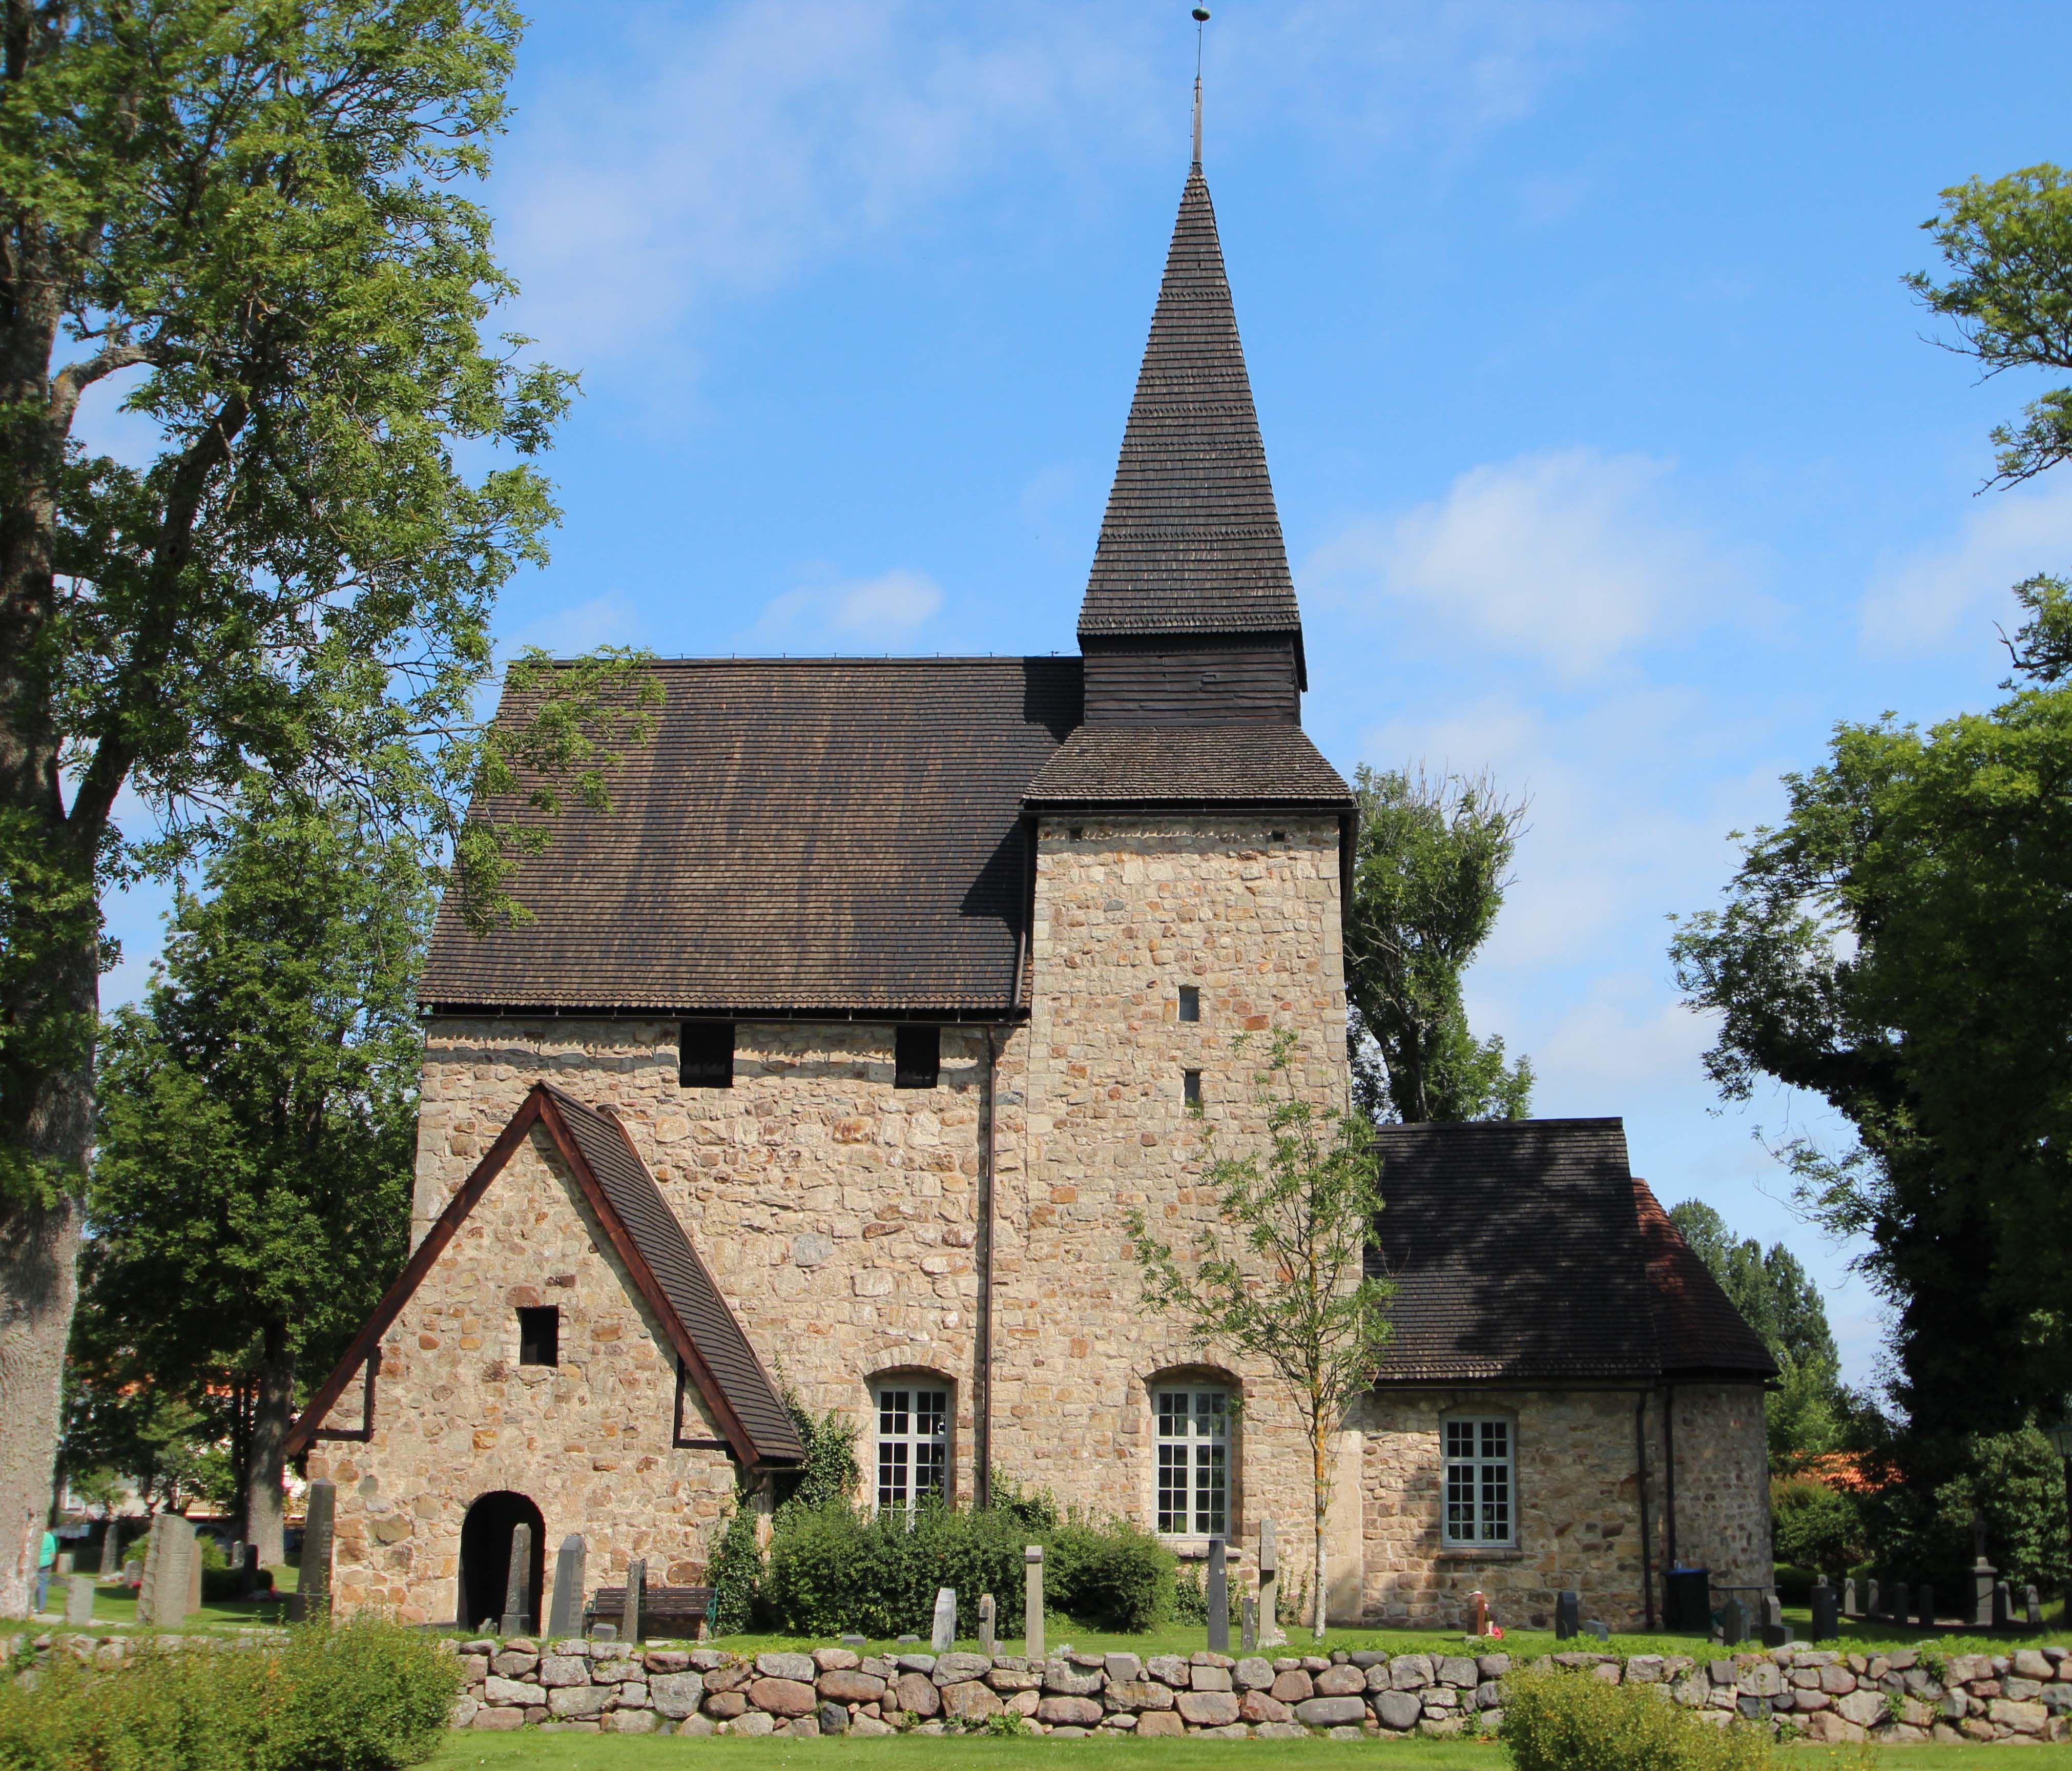 Hossmo church